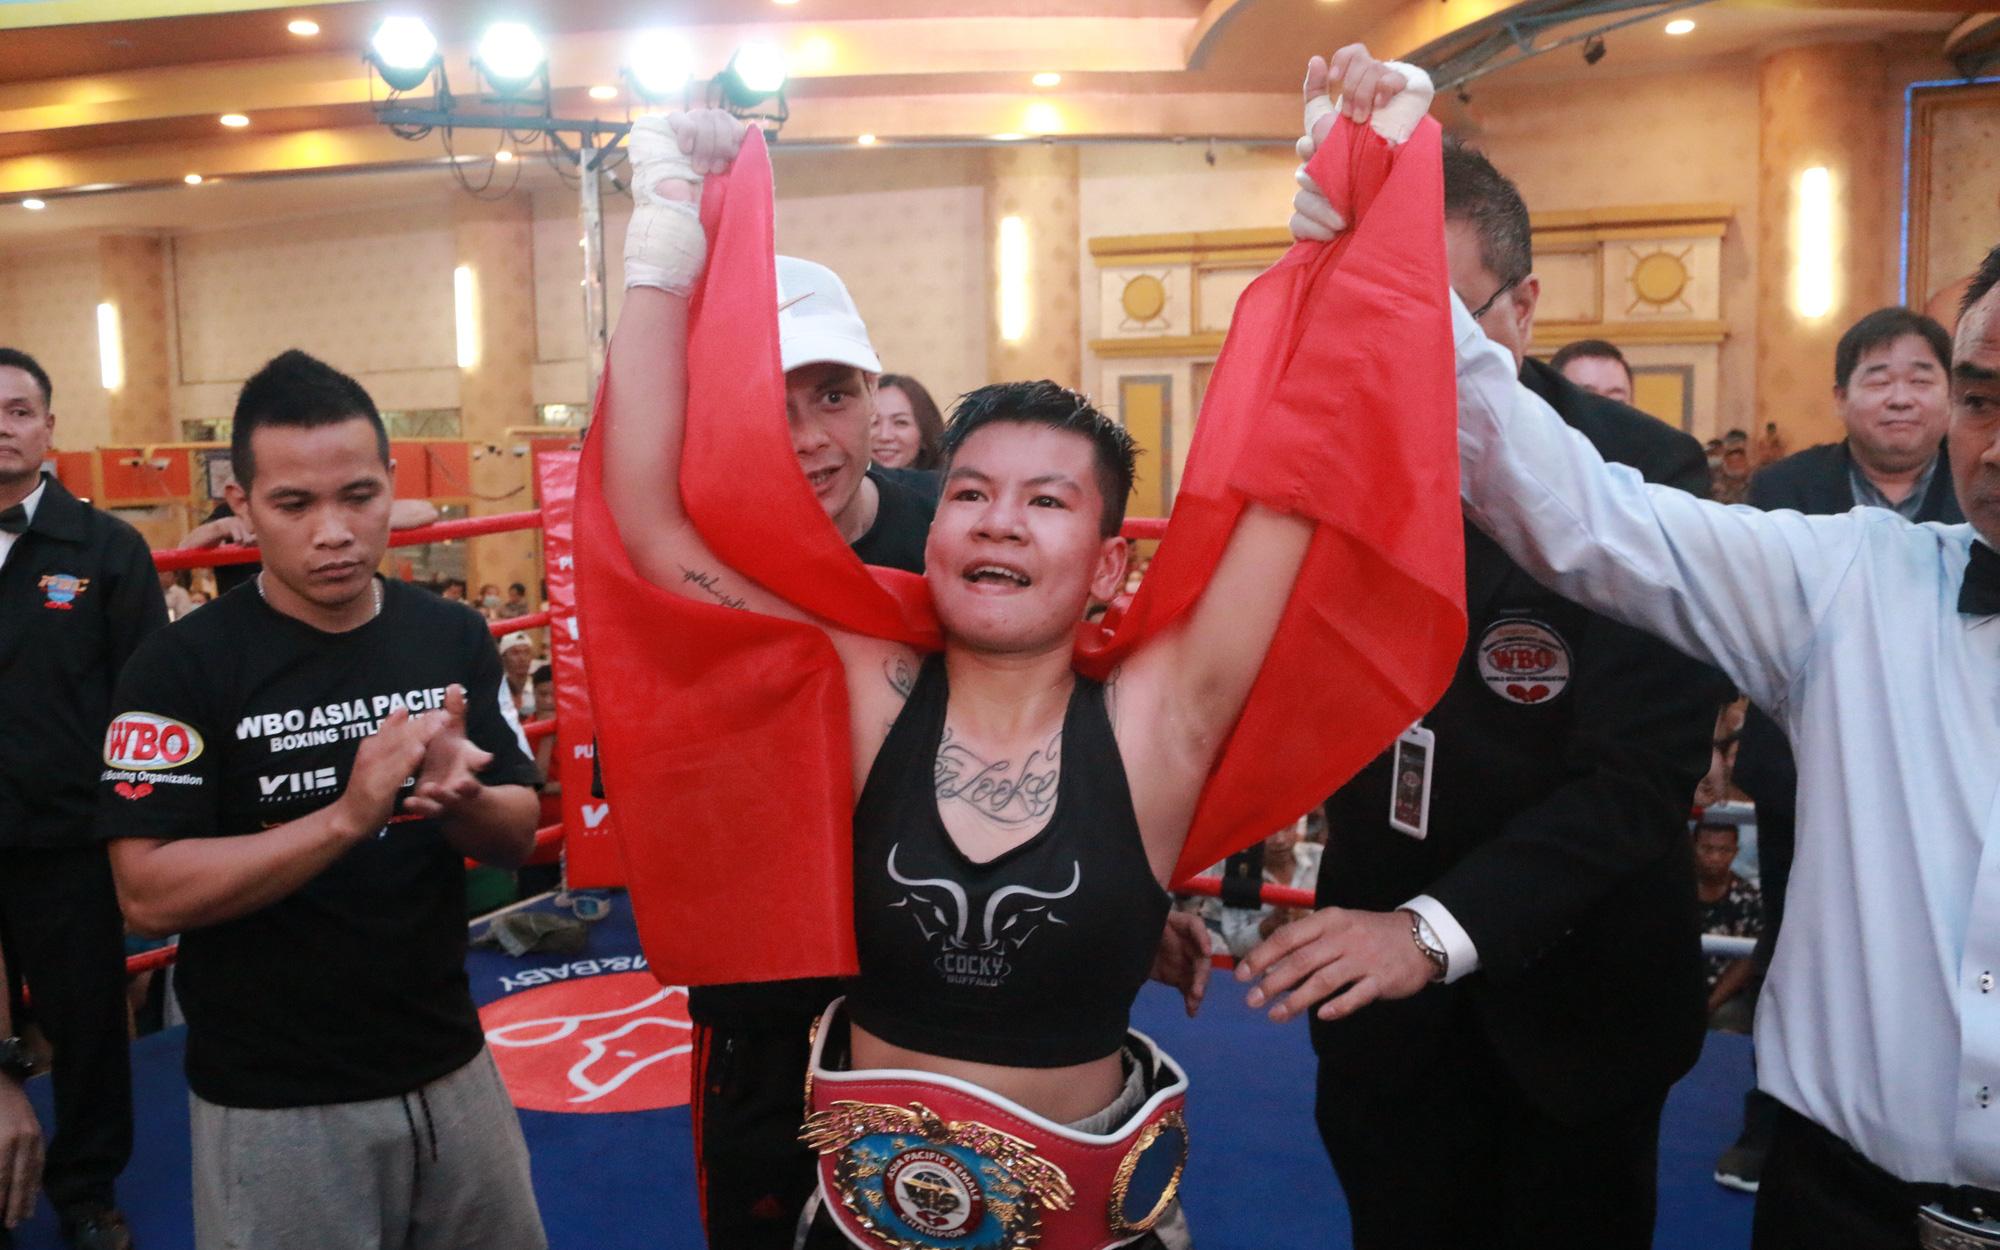 Nguyễn Thị Thu Nhi và hành trình kỳ diệu từ cô gái bán vé tới ứng viên tranh đai thế giới